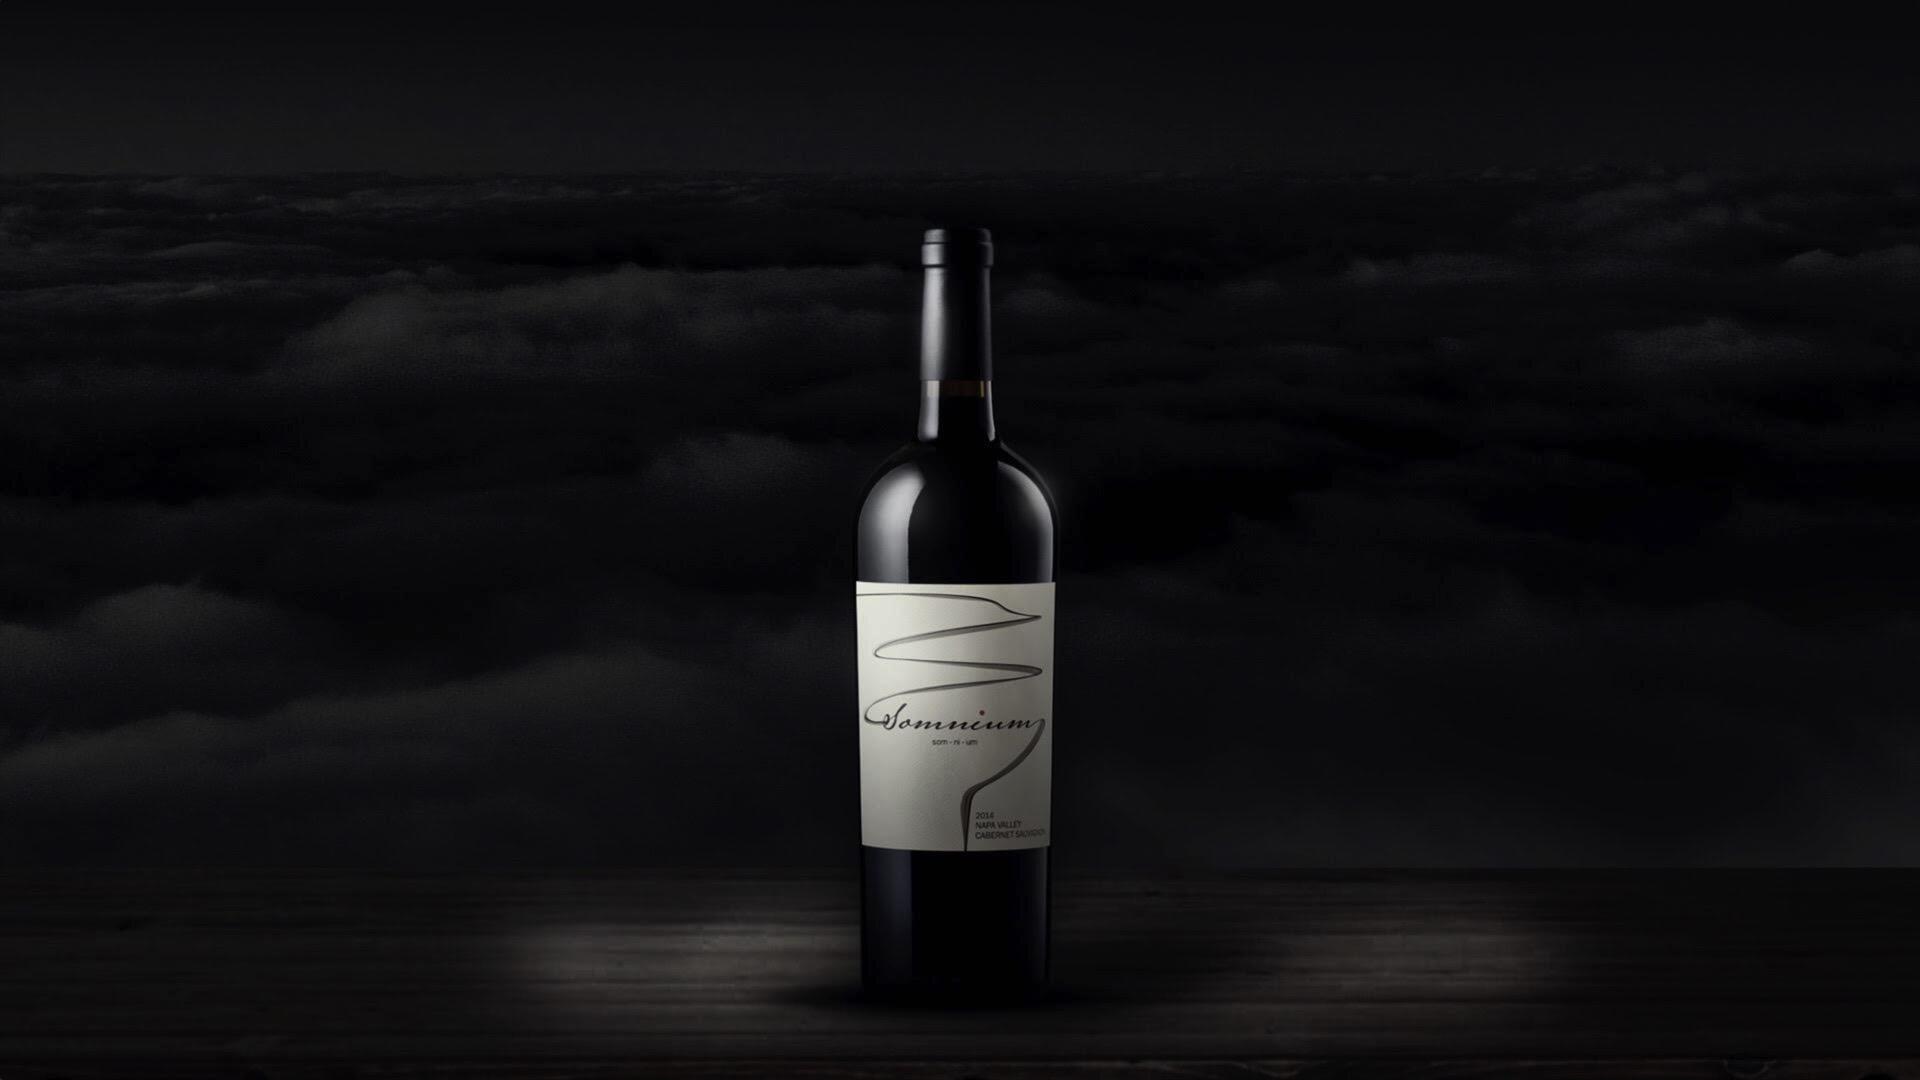 Somnium Wine Cover Image